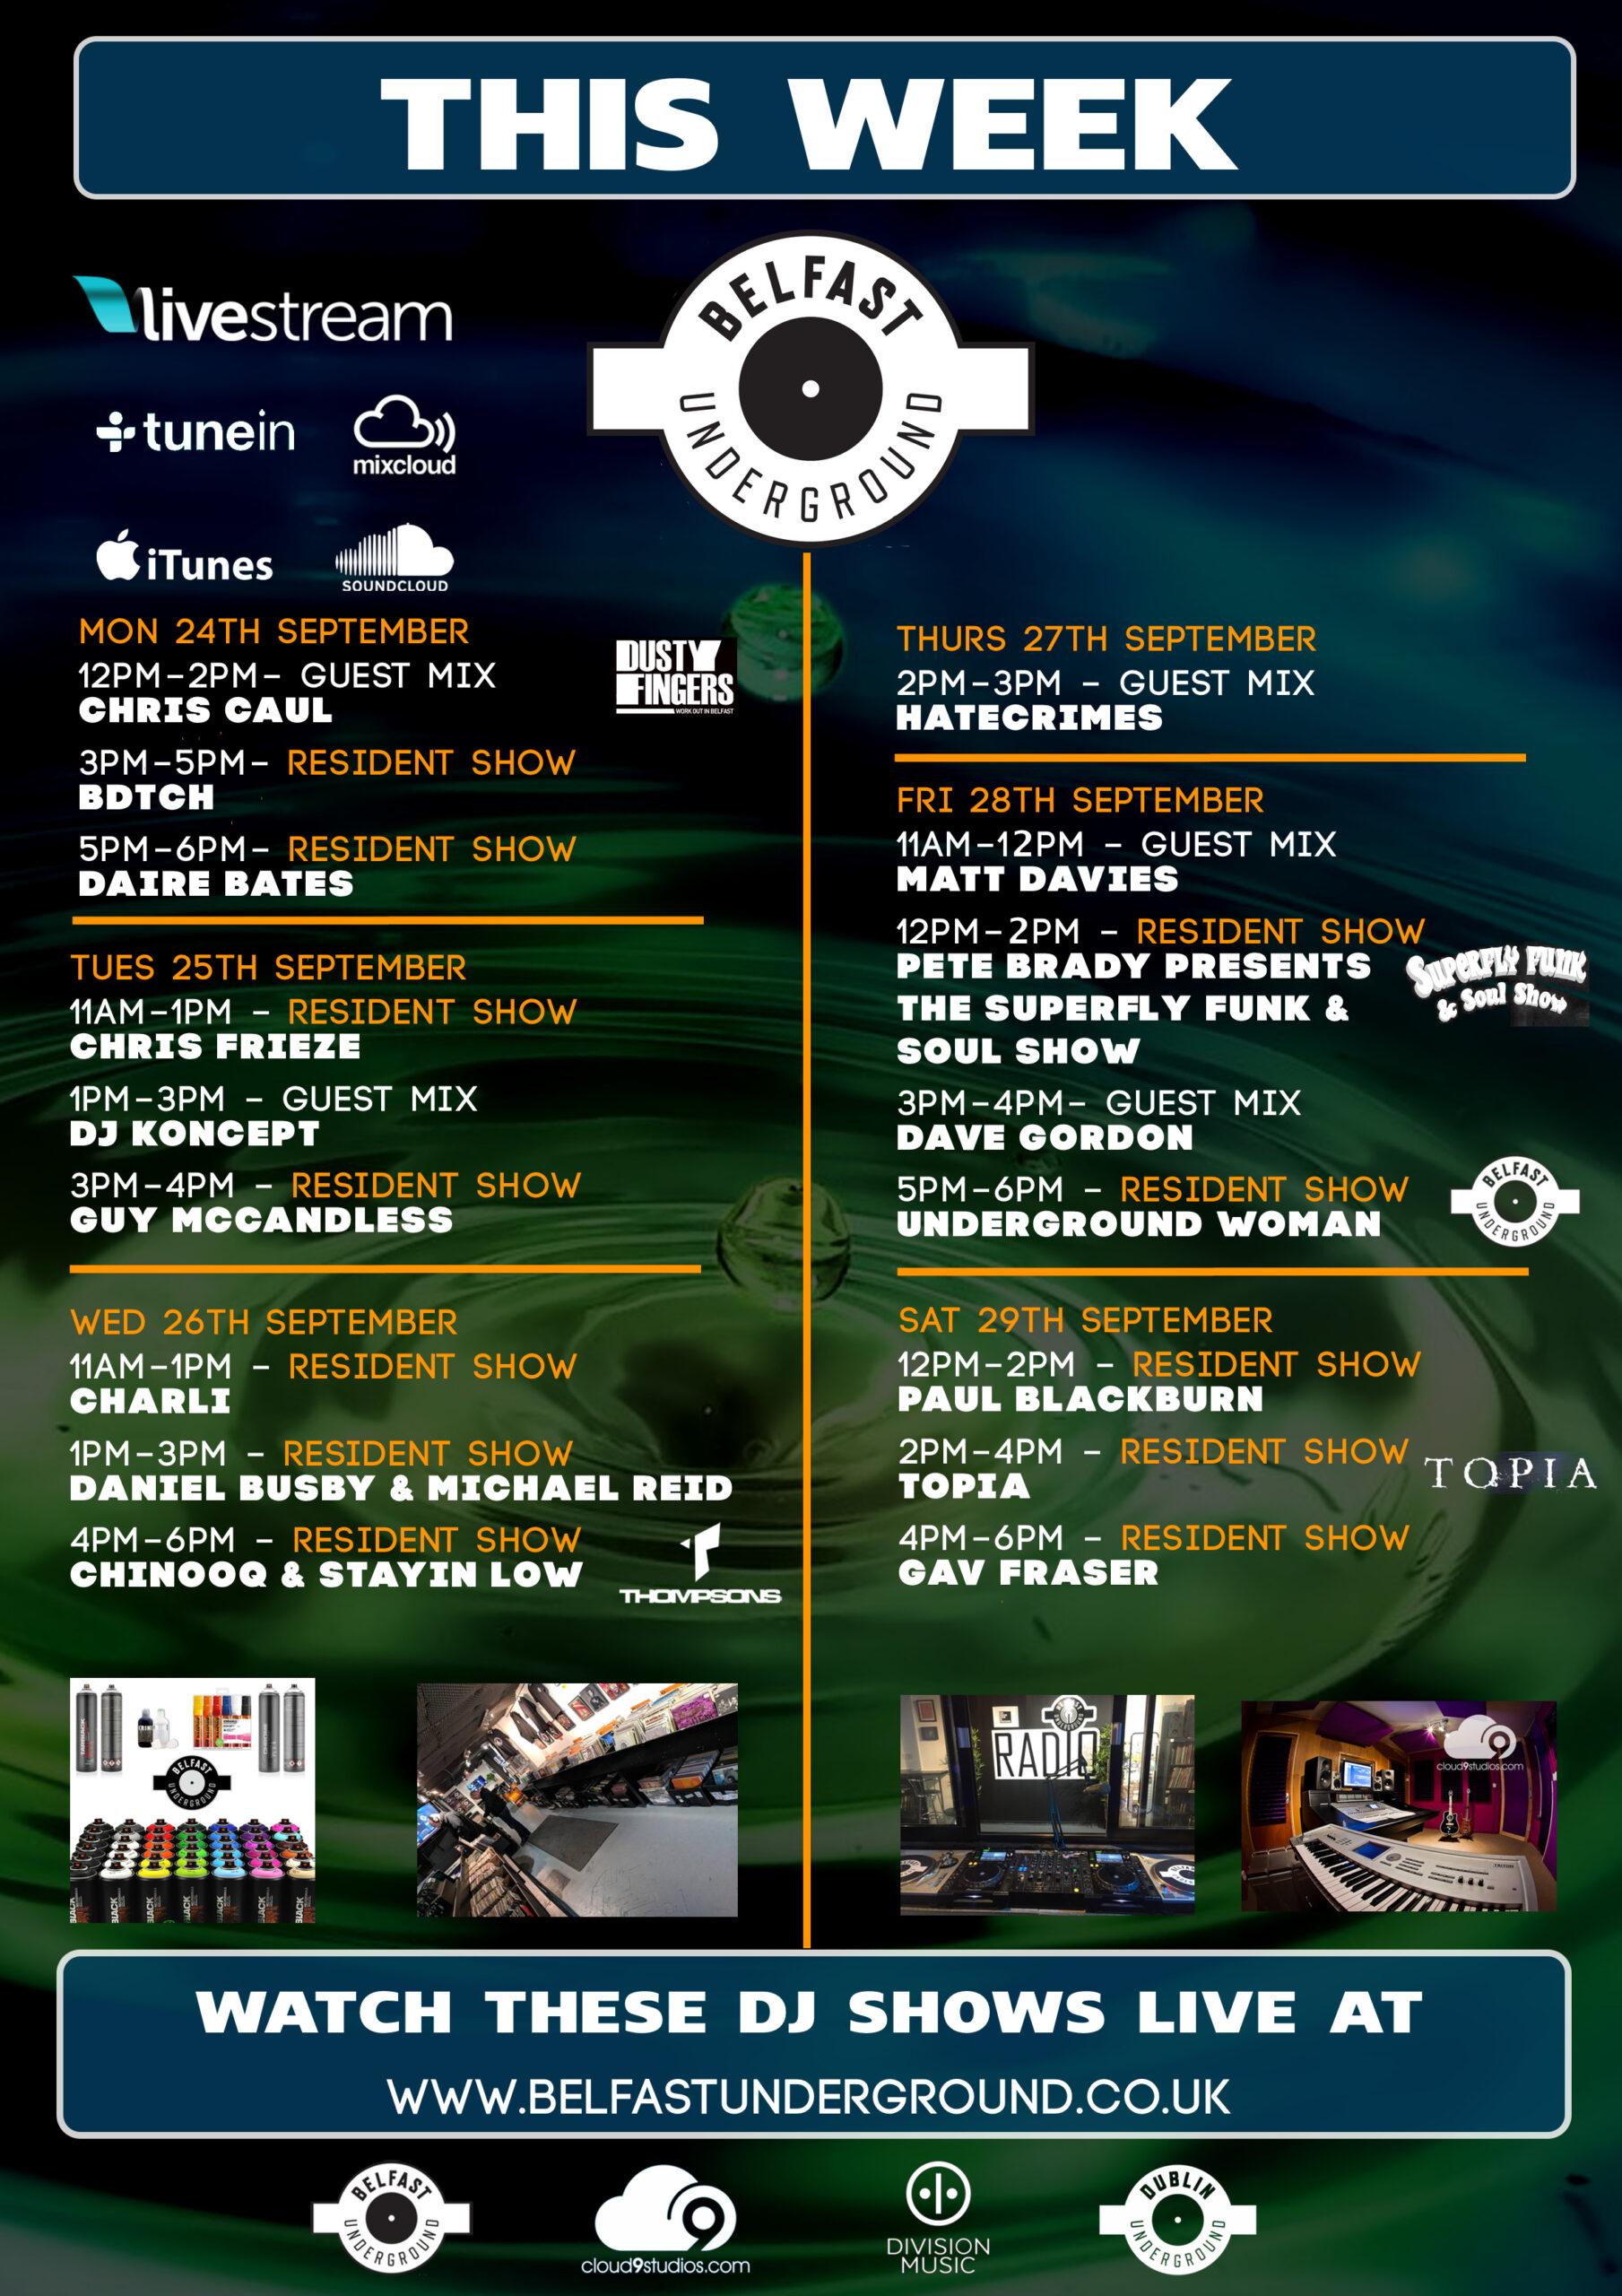 This week on Belfast Underground Radio